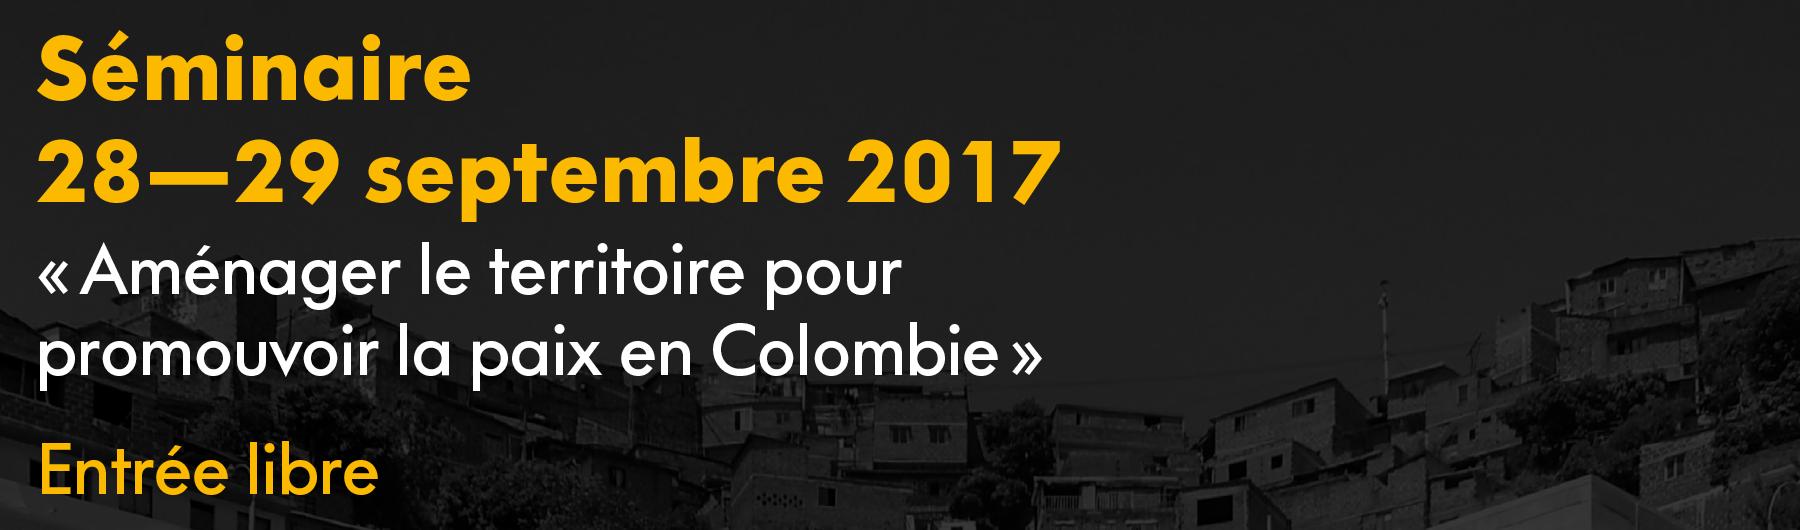 Aménager le territoire pour promouvoir la paix en Colombie